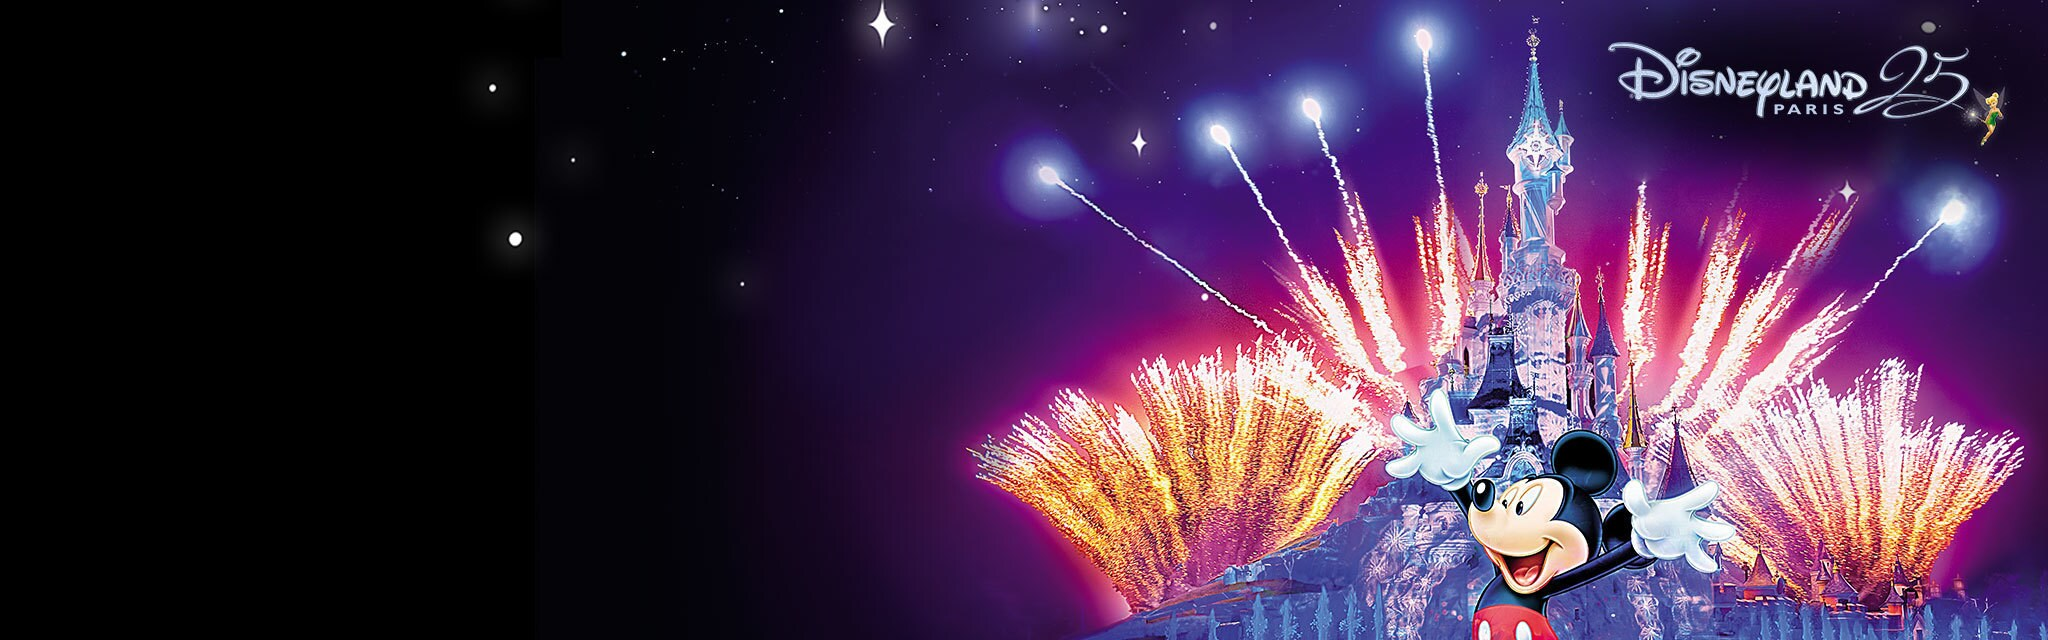 Disneyland Paris - semana magica - Hero